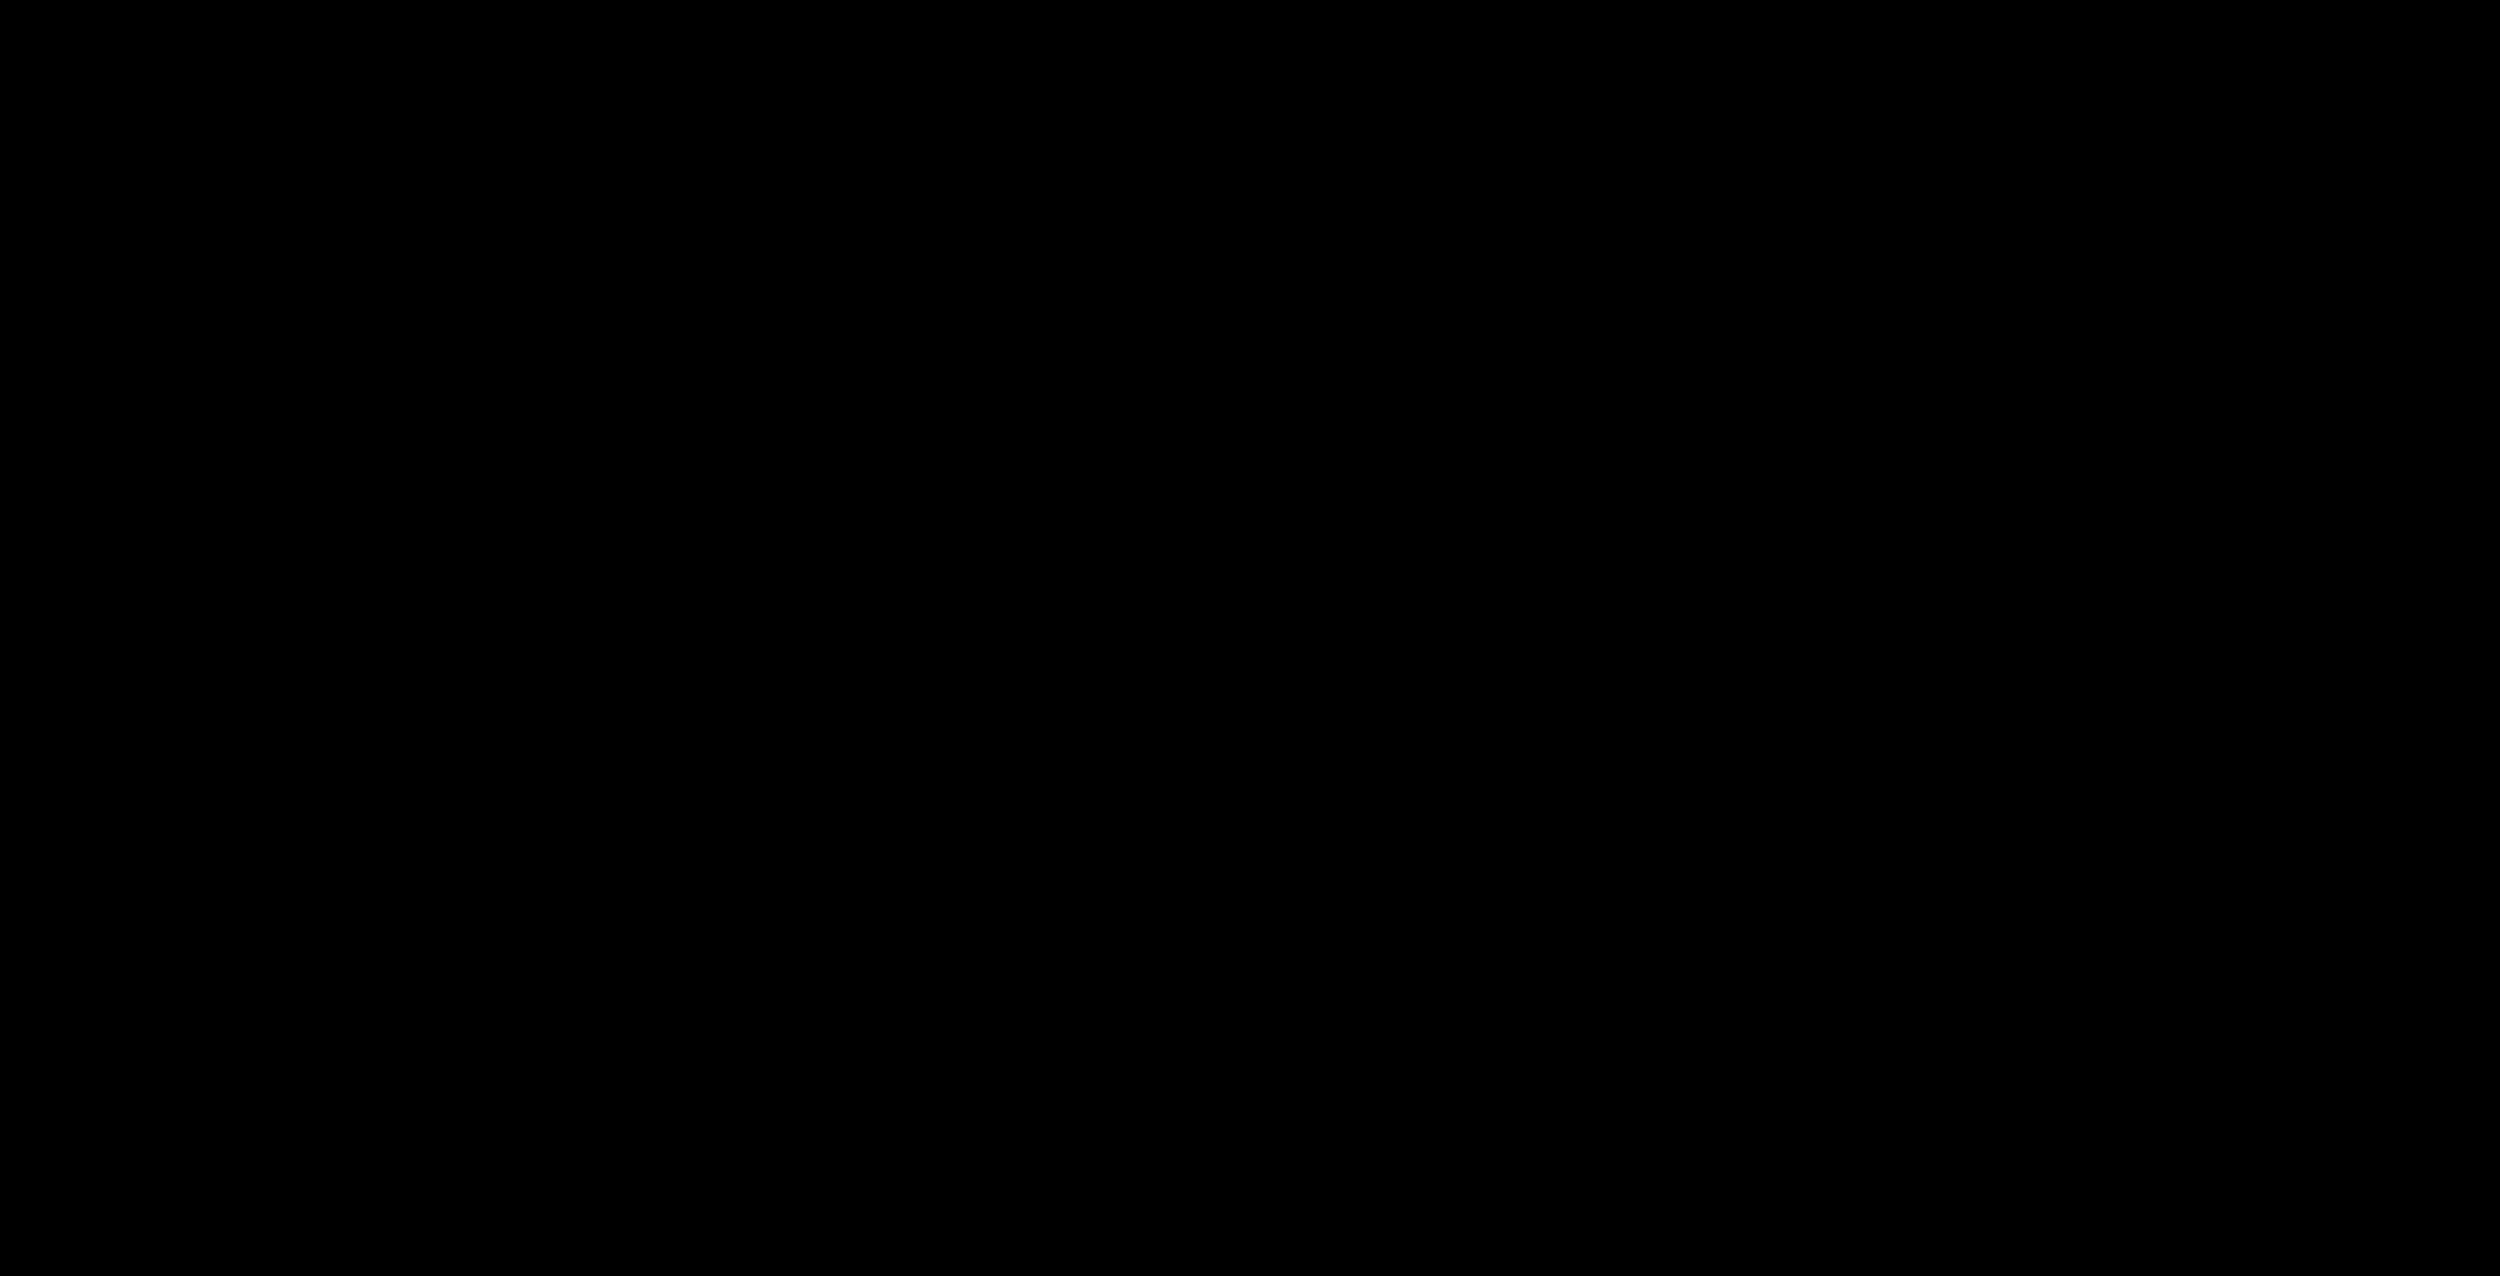 Black on Transparent (4).png